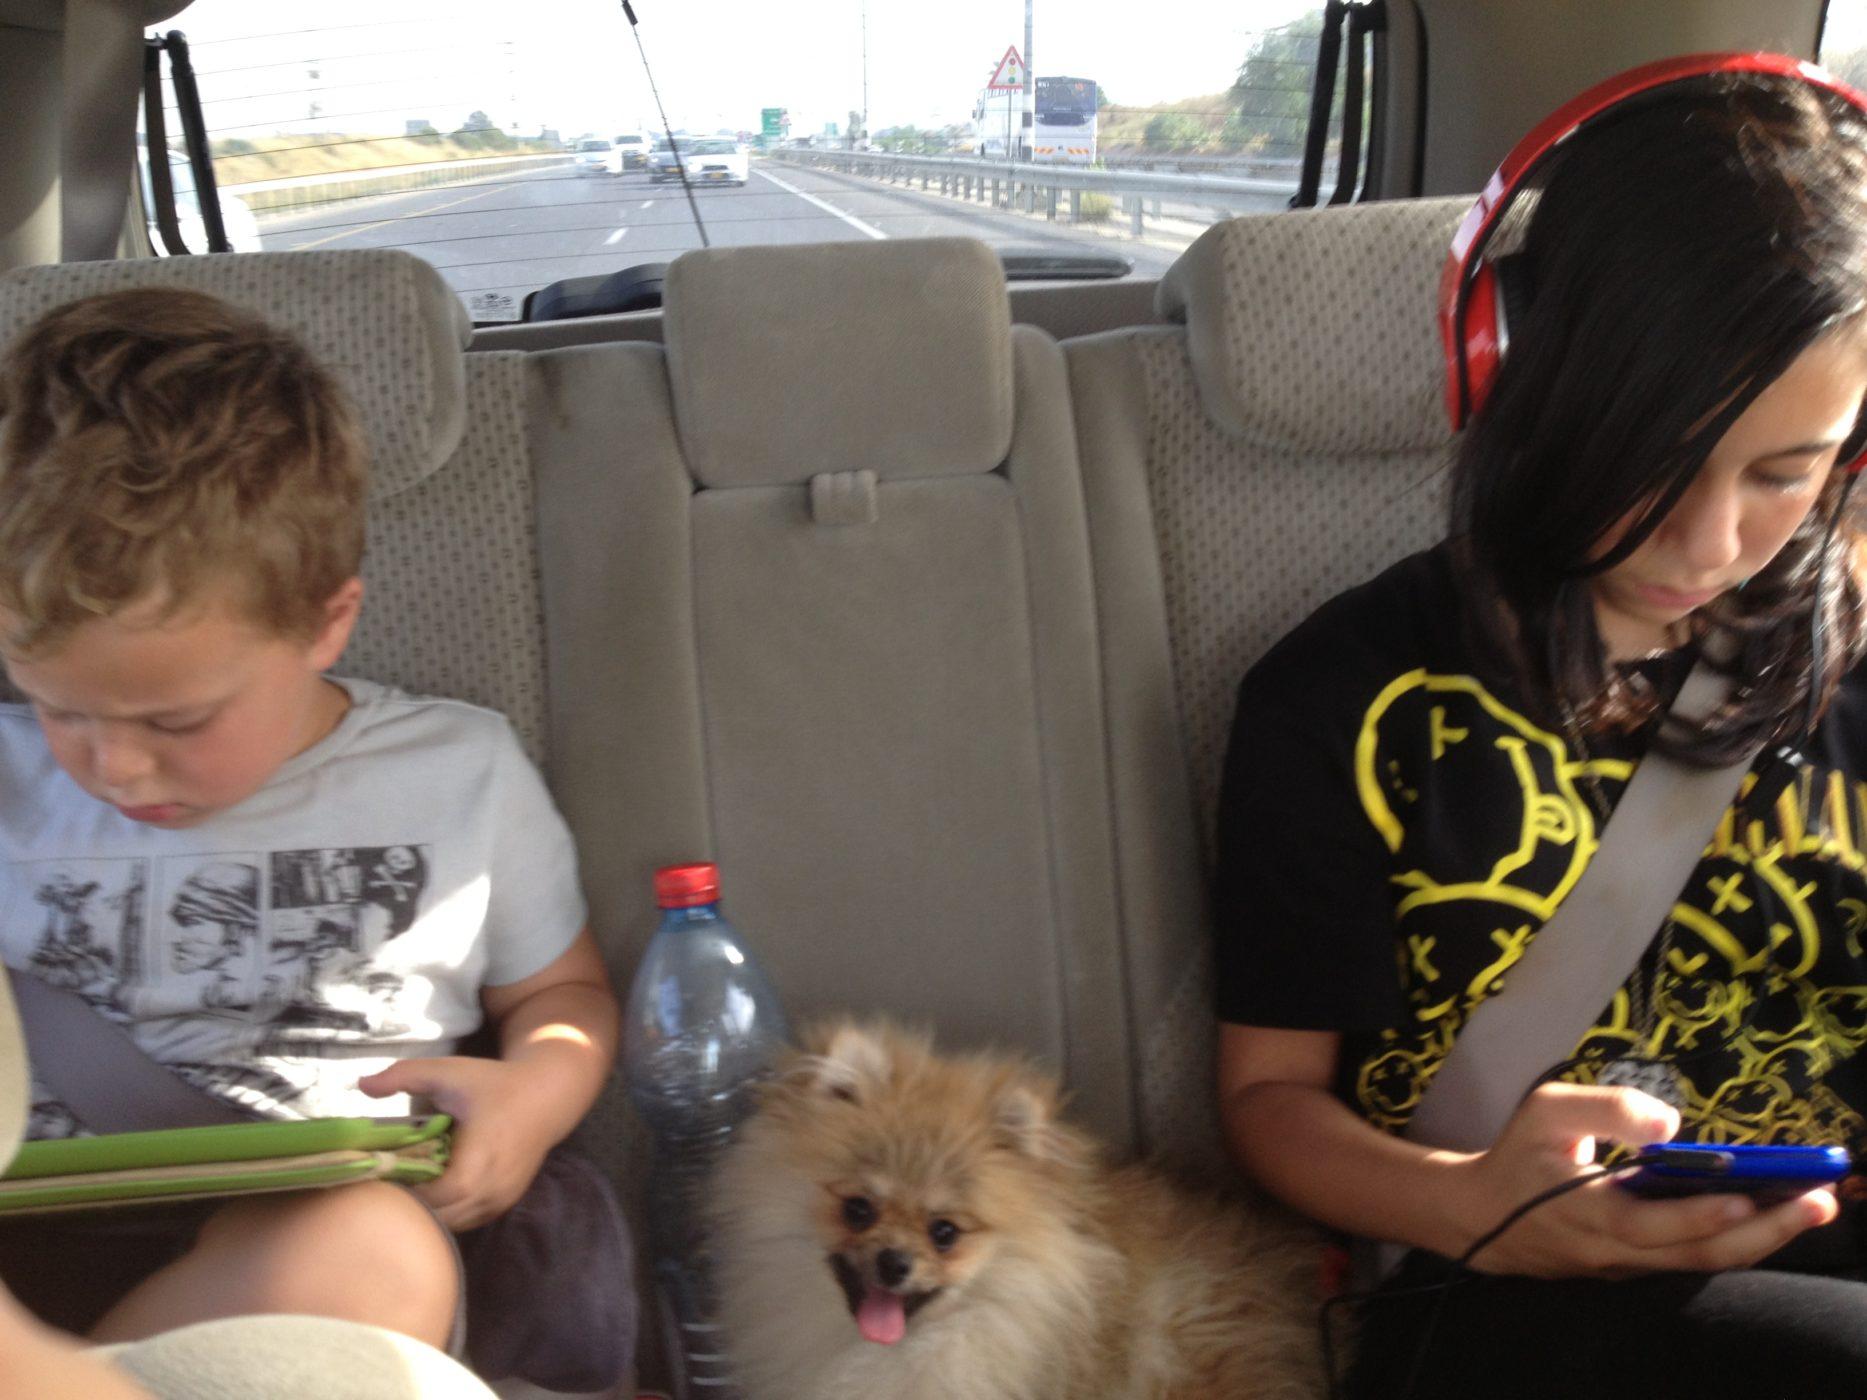 שם השולח: שלי פלדמן.  גם בדרכים לא ניתן להתנתק מהמסכים...!!! בטאבלט הבן הקטן ובגלקסי+אוזניות הבת הגדולה. מזל שהכלבה עדיין לא מכורה...